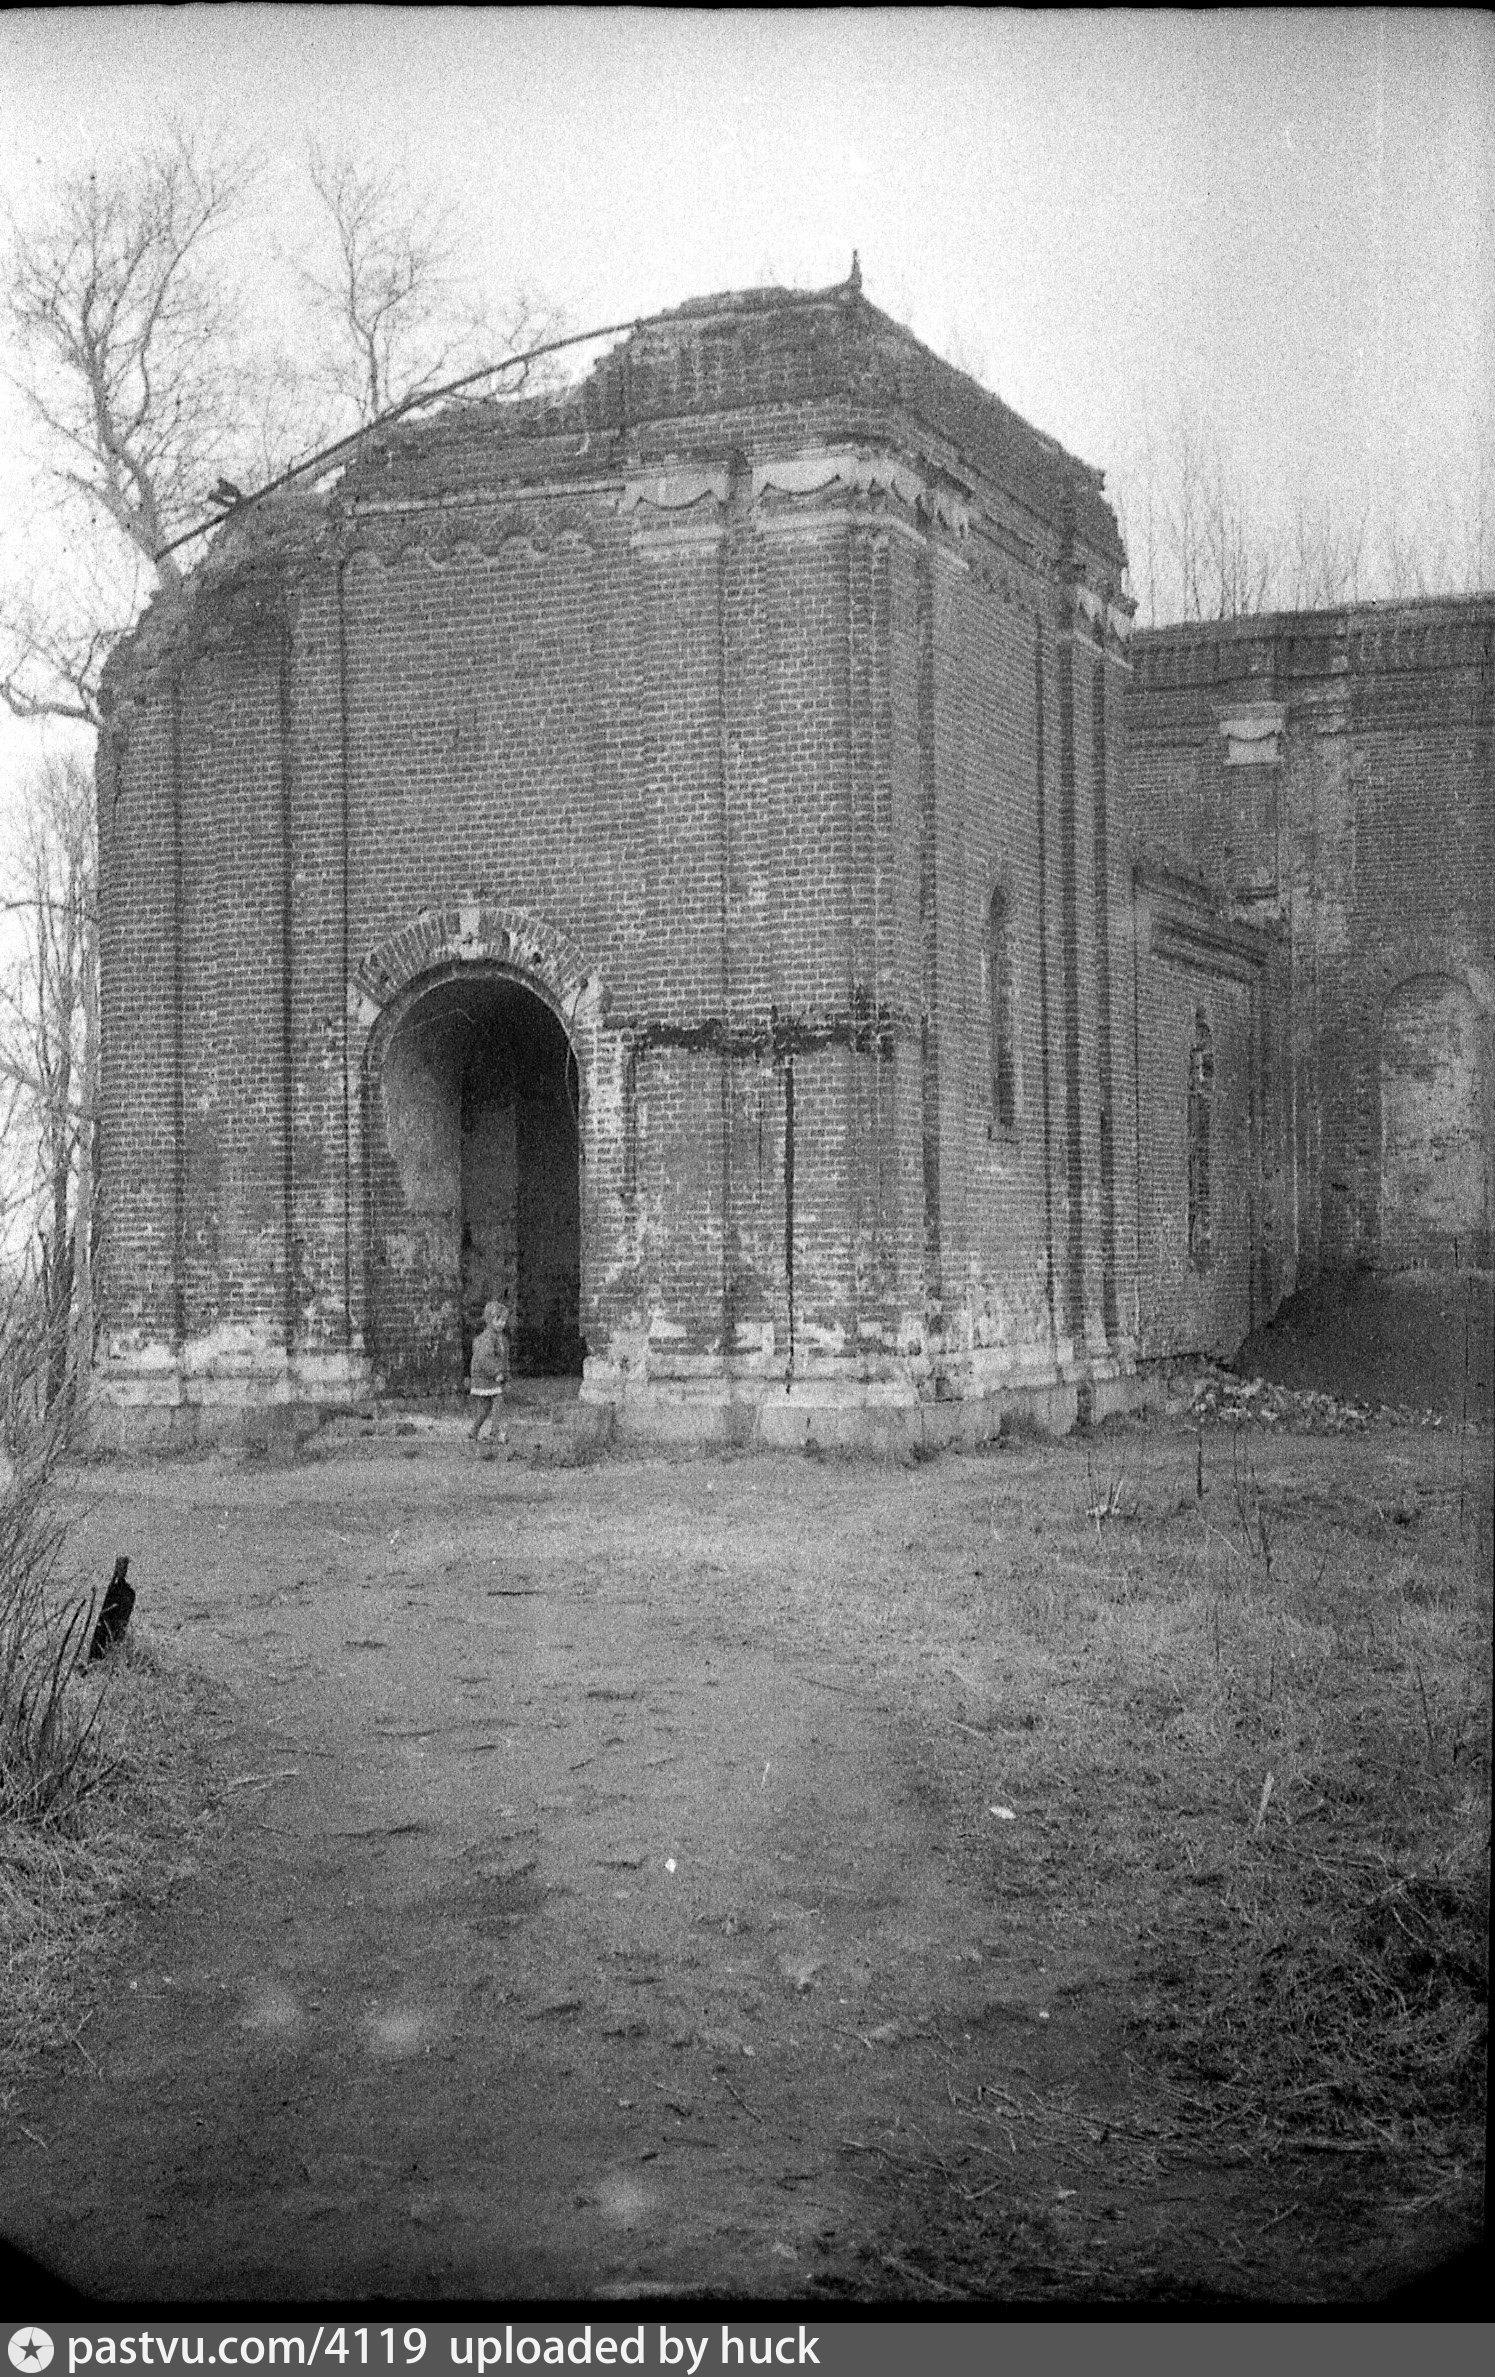 В 1941 году у храма разобрали купол, колокольню тоже укоротили. Причиной послужило то, что высокий храм и колокольня на вершине холма отличный ориентир для немецких самолетов при бомбардировках западных окрестностей Москвы. Восстановление храма началось в 1990-х.